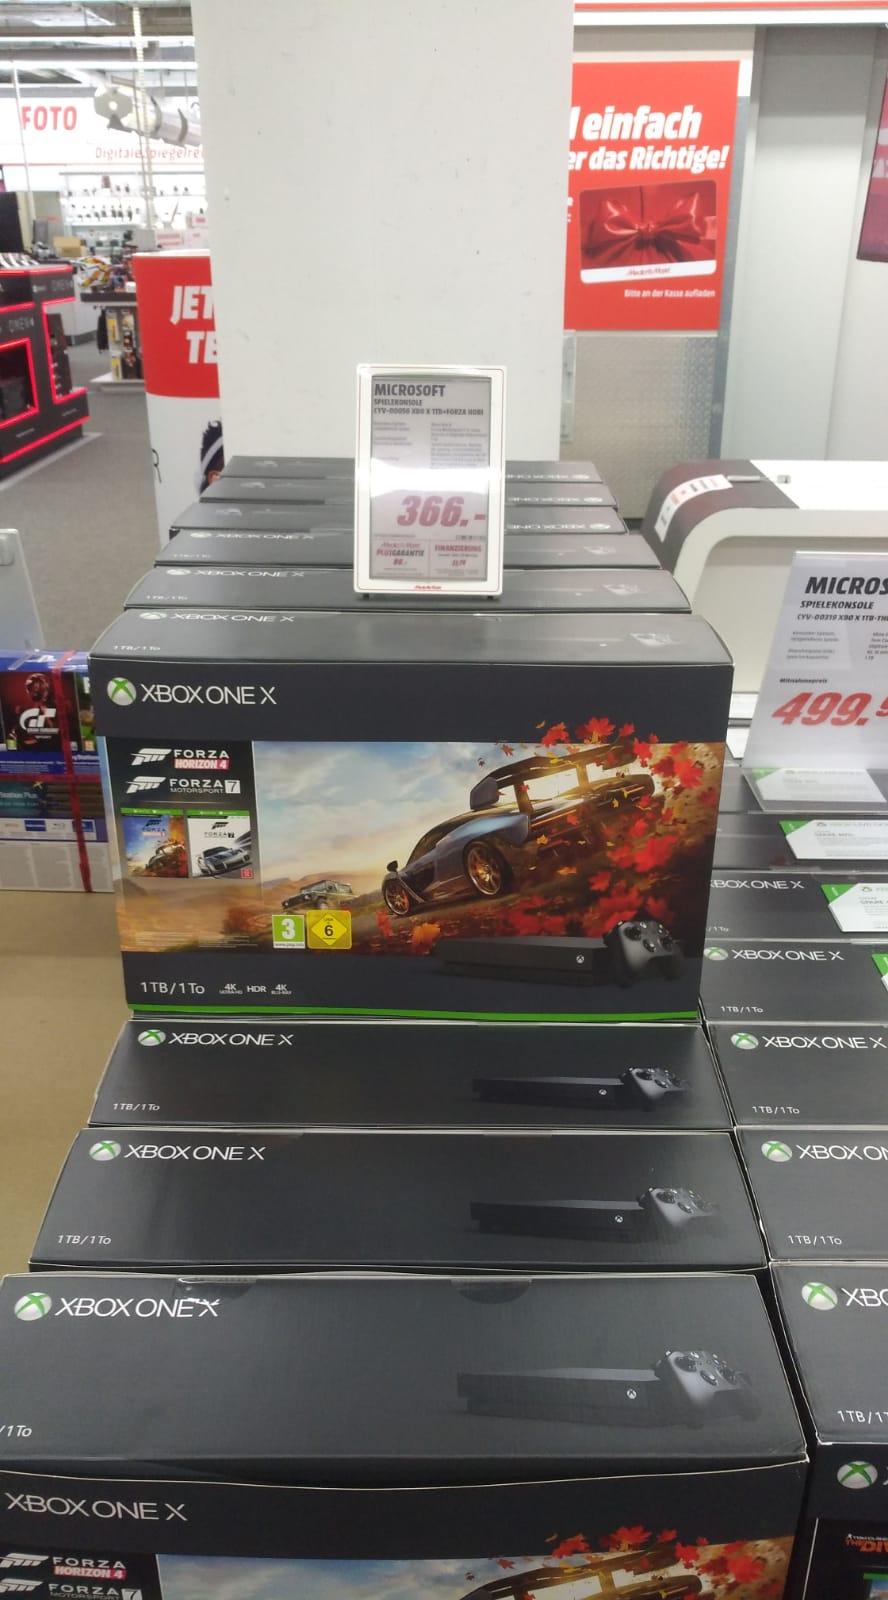 [Lokal] Media Markt Vaihingen XBOX ONE X + Forza Horizon 4 & Forza Motorsport 7 366€